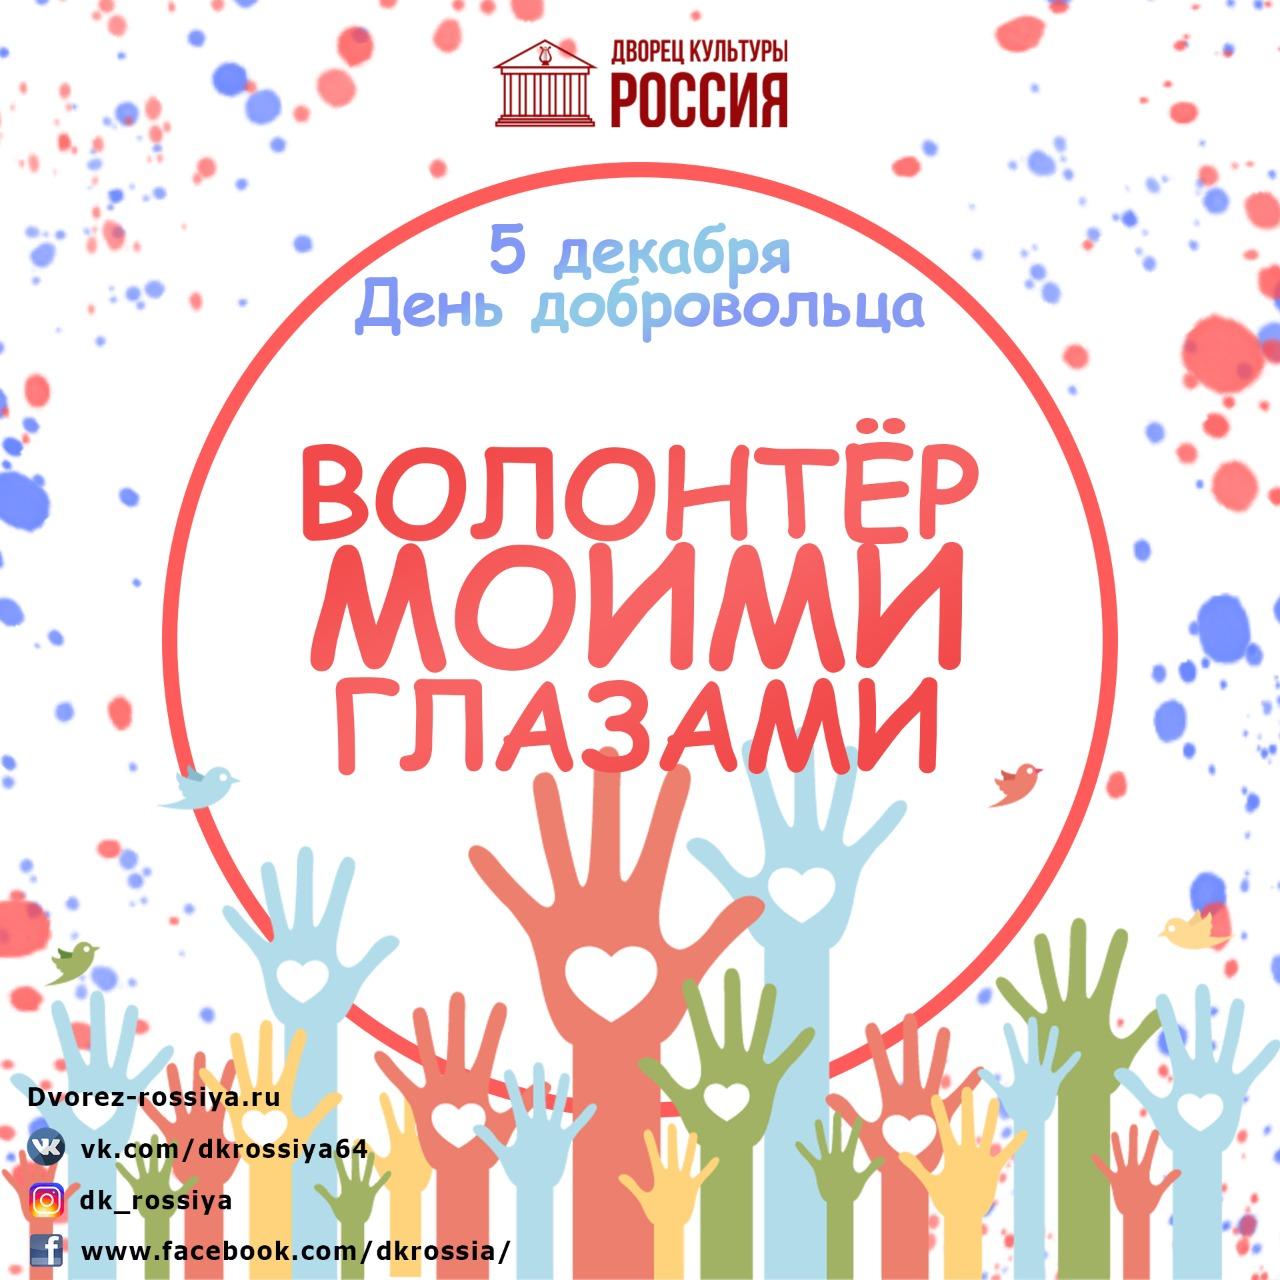 ДК «Россия» объявляет о старте художественной эстафеты «Волонтер моими глазами» ко Дню добровольца!